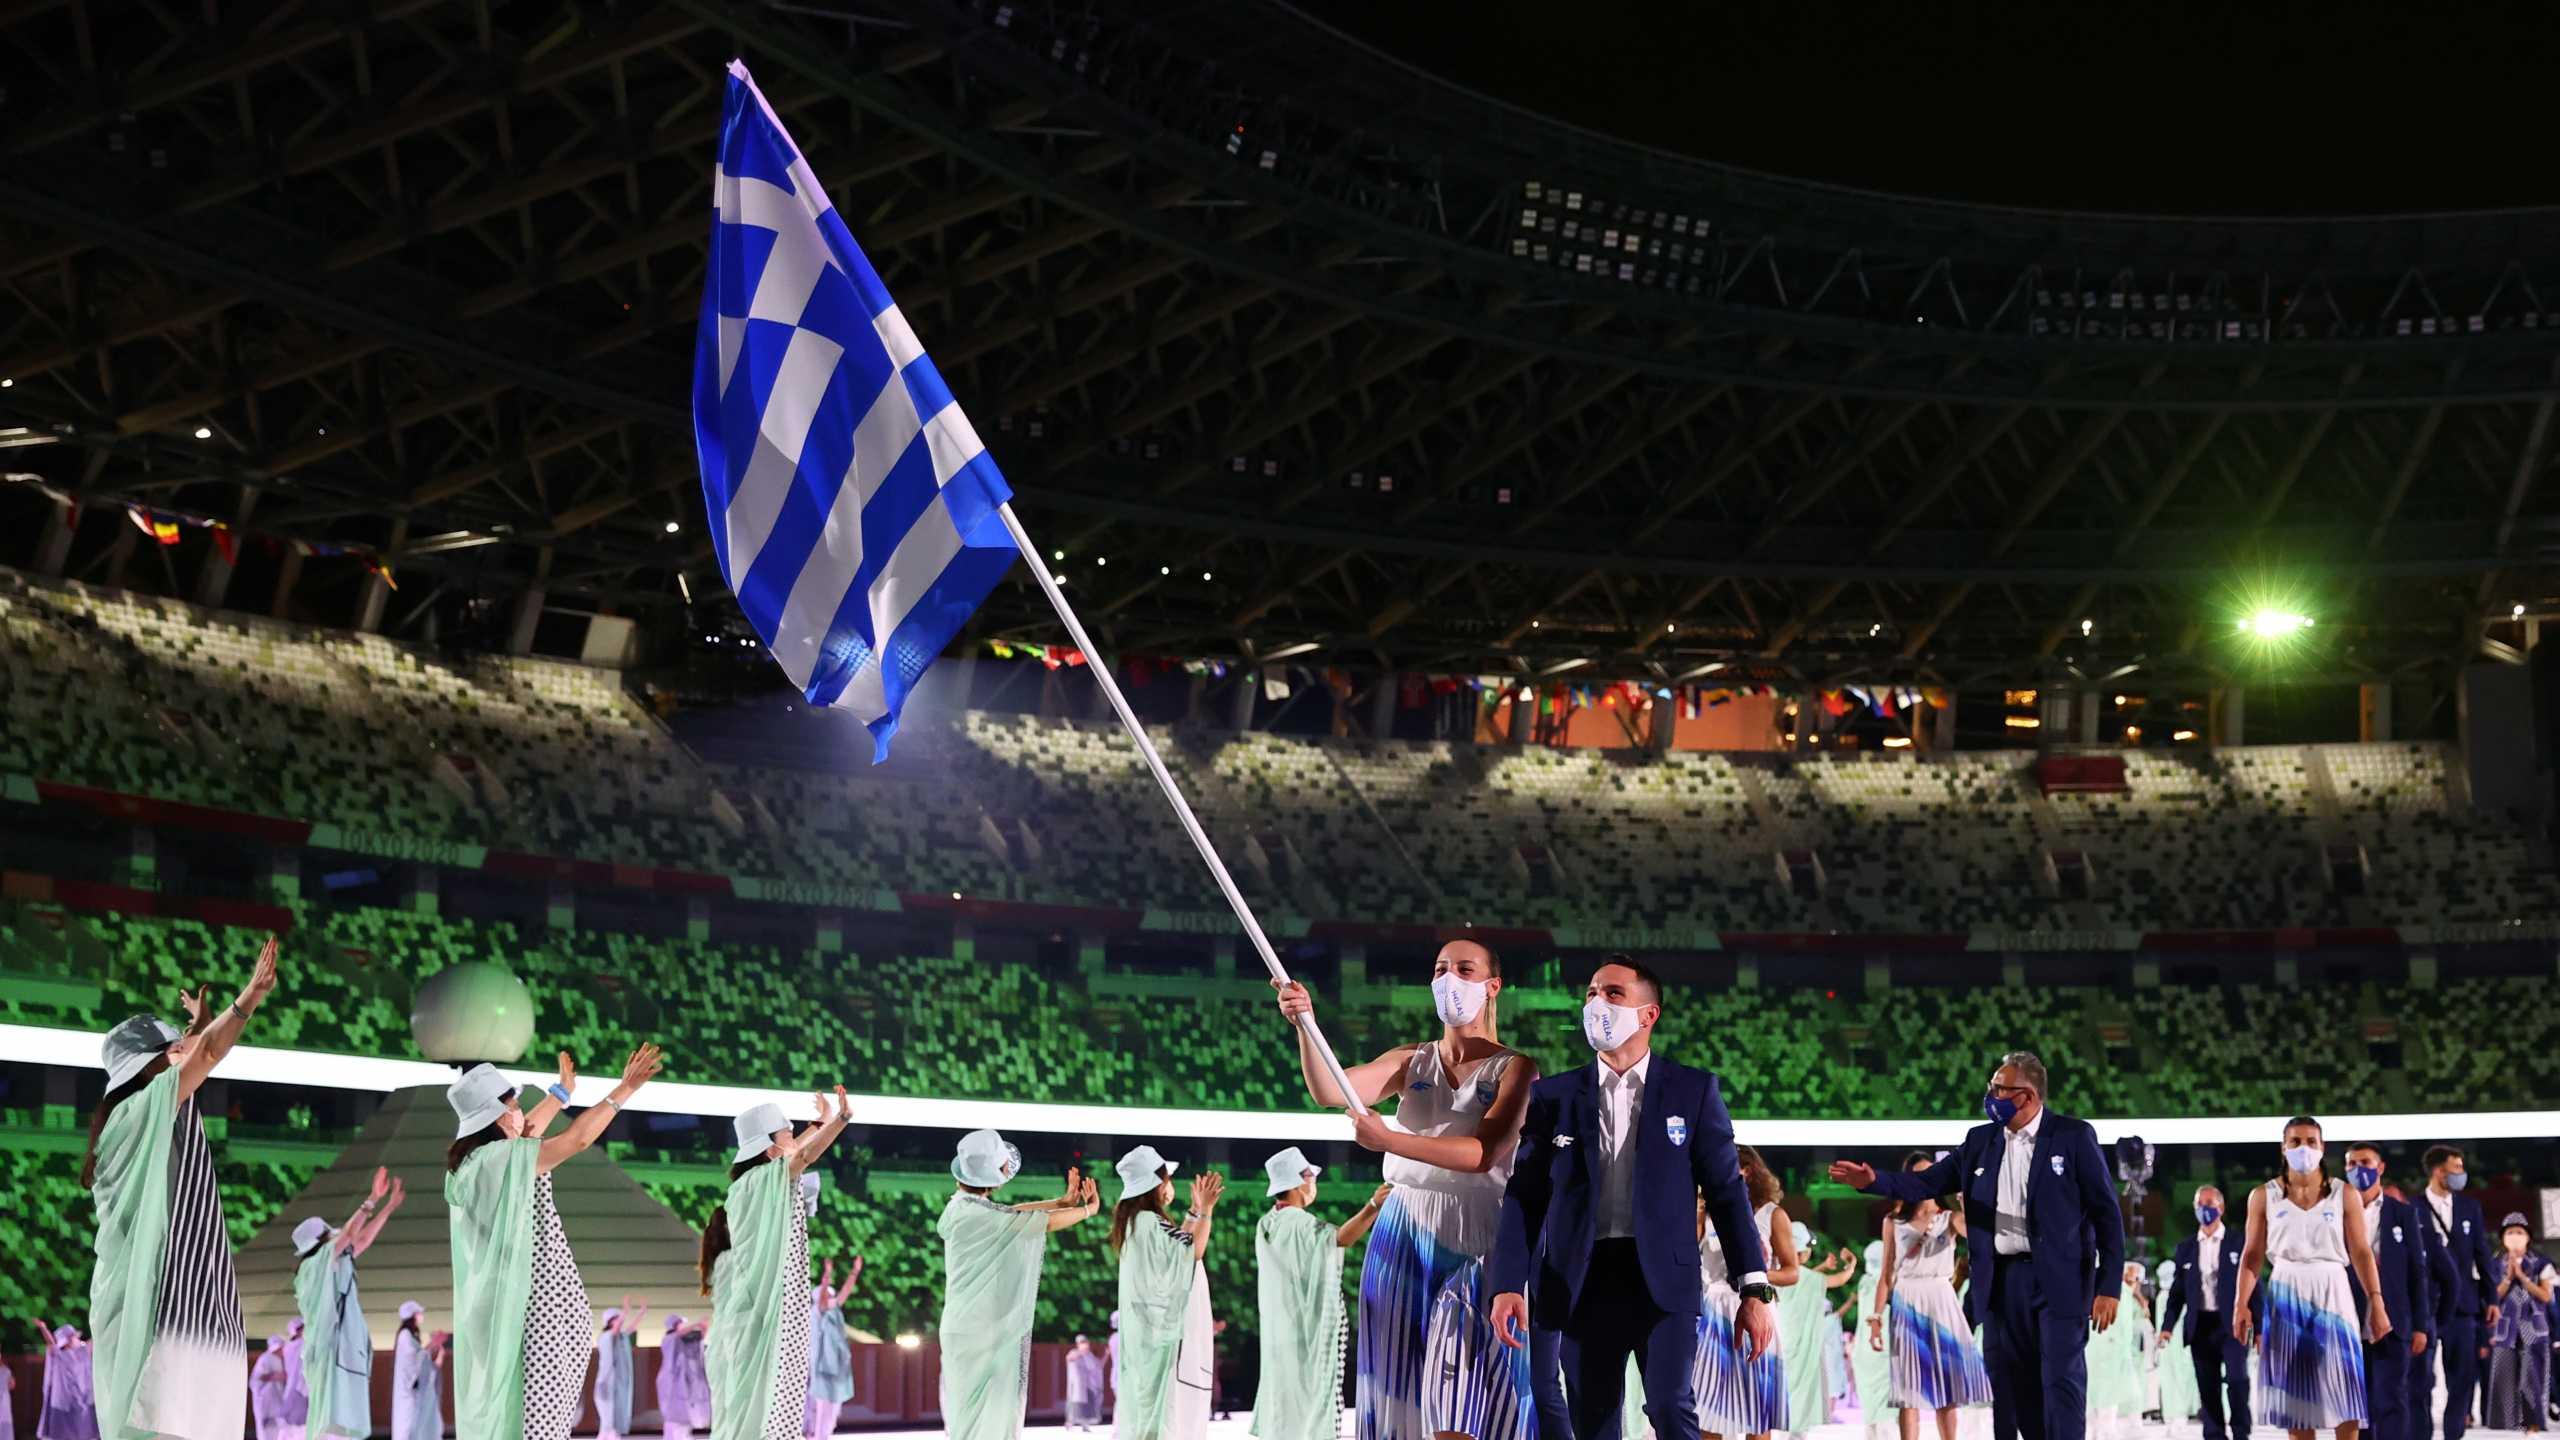 Ολυμπιακοί Αγώνες: Συγκινημένος ο Πετρούνιας – «Ελπίζω να φανώ αντάξιος αυτής της σημαίας»